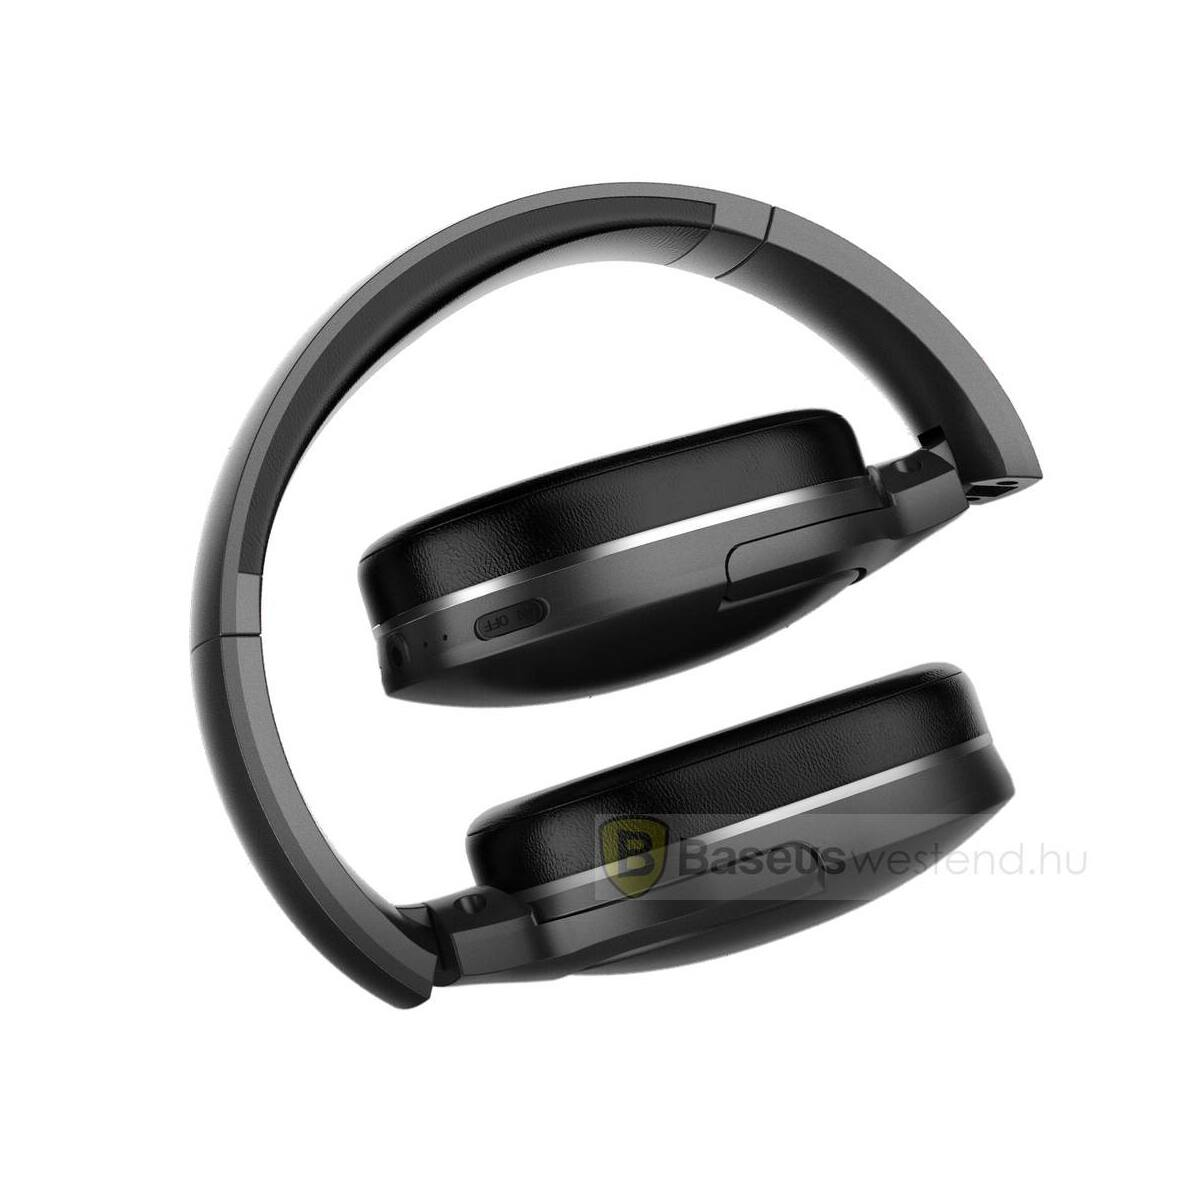 Baseus fejhallgató, Bluetooth Encok D02 vezeték nélküli, fekete (NGD02-01)